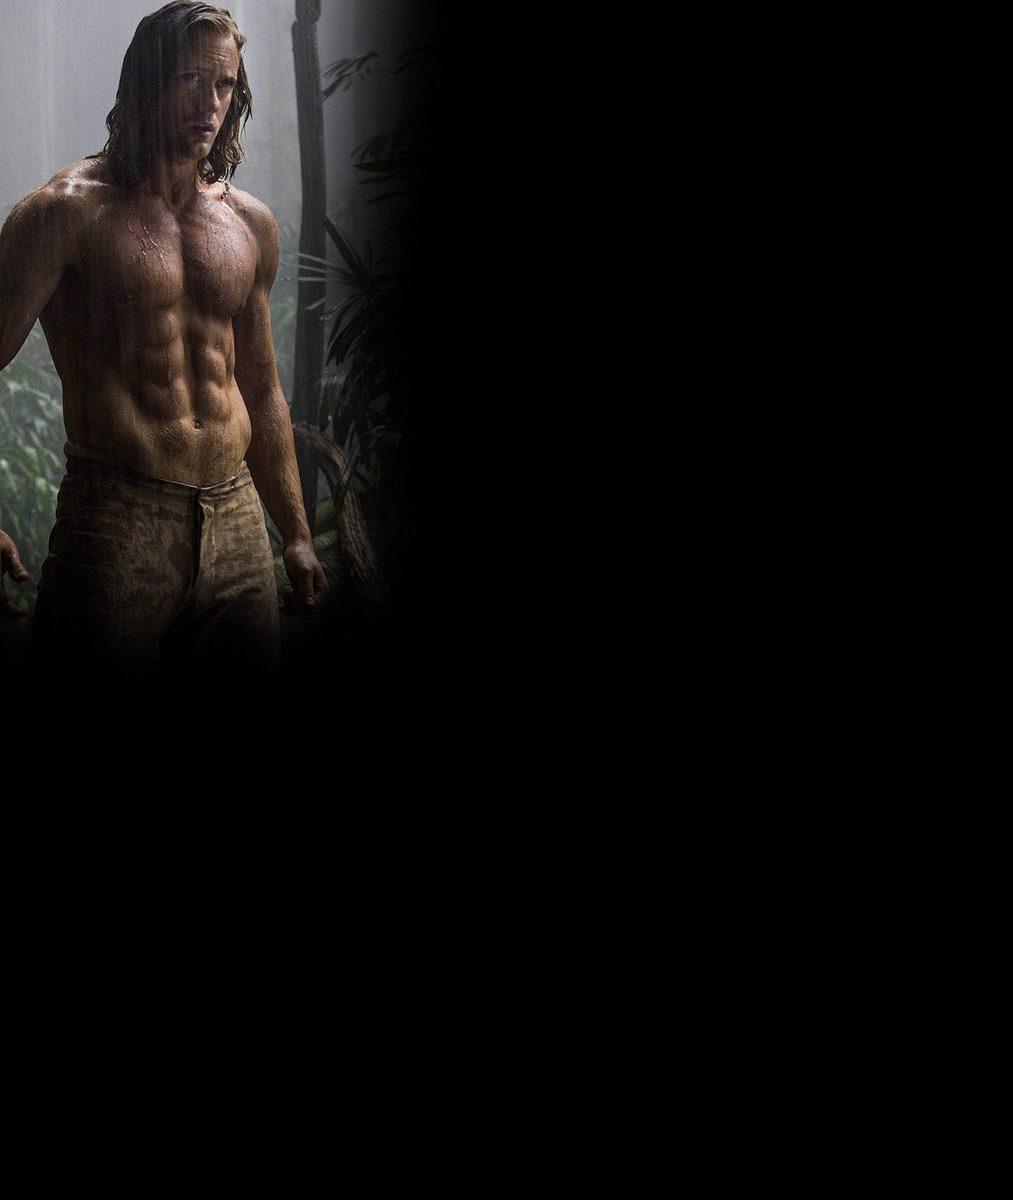 Seriálový upír se ve fitku pořádně zapotil: Jako Tarzan předvede luxusně vypracované tělo